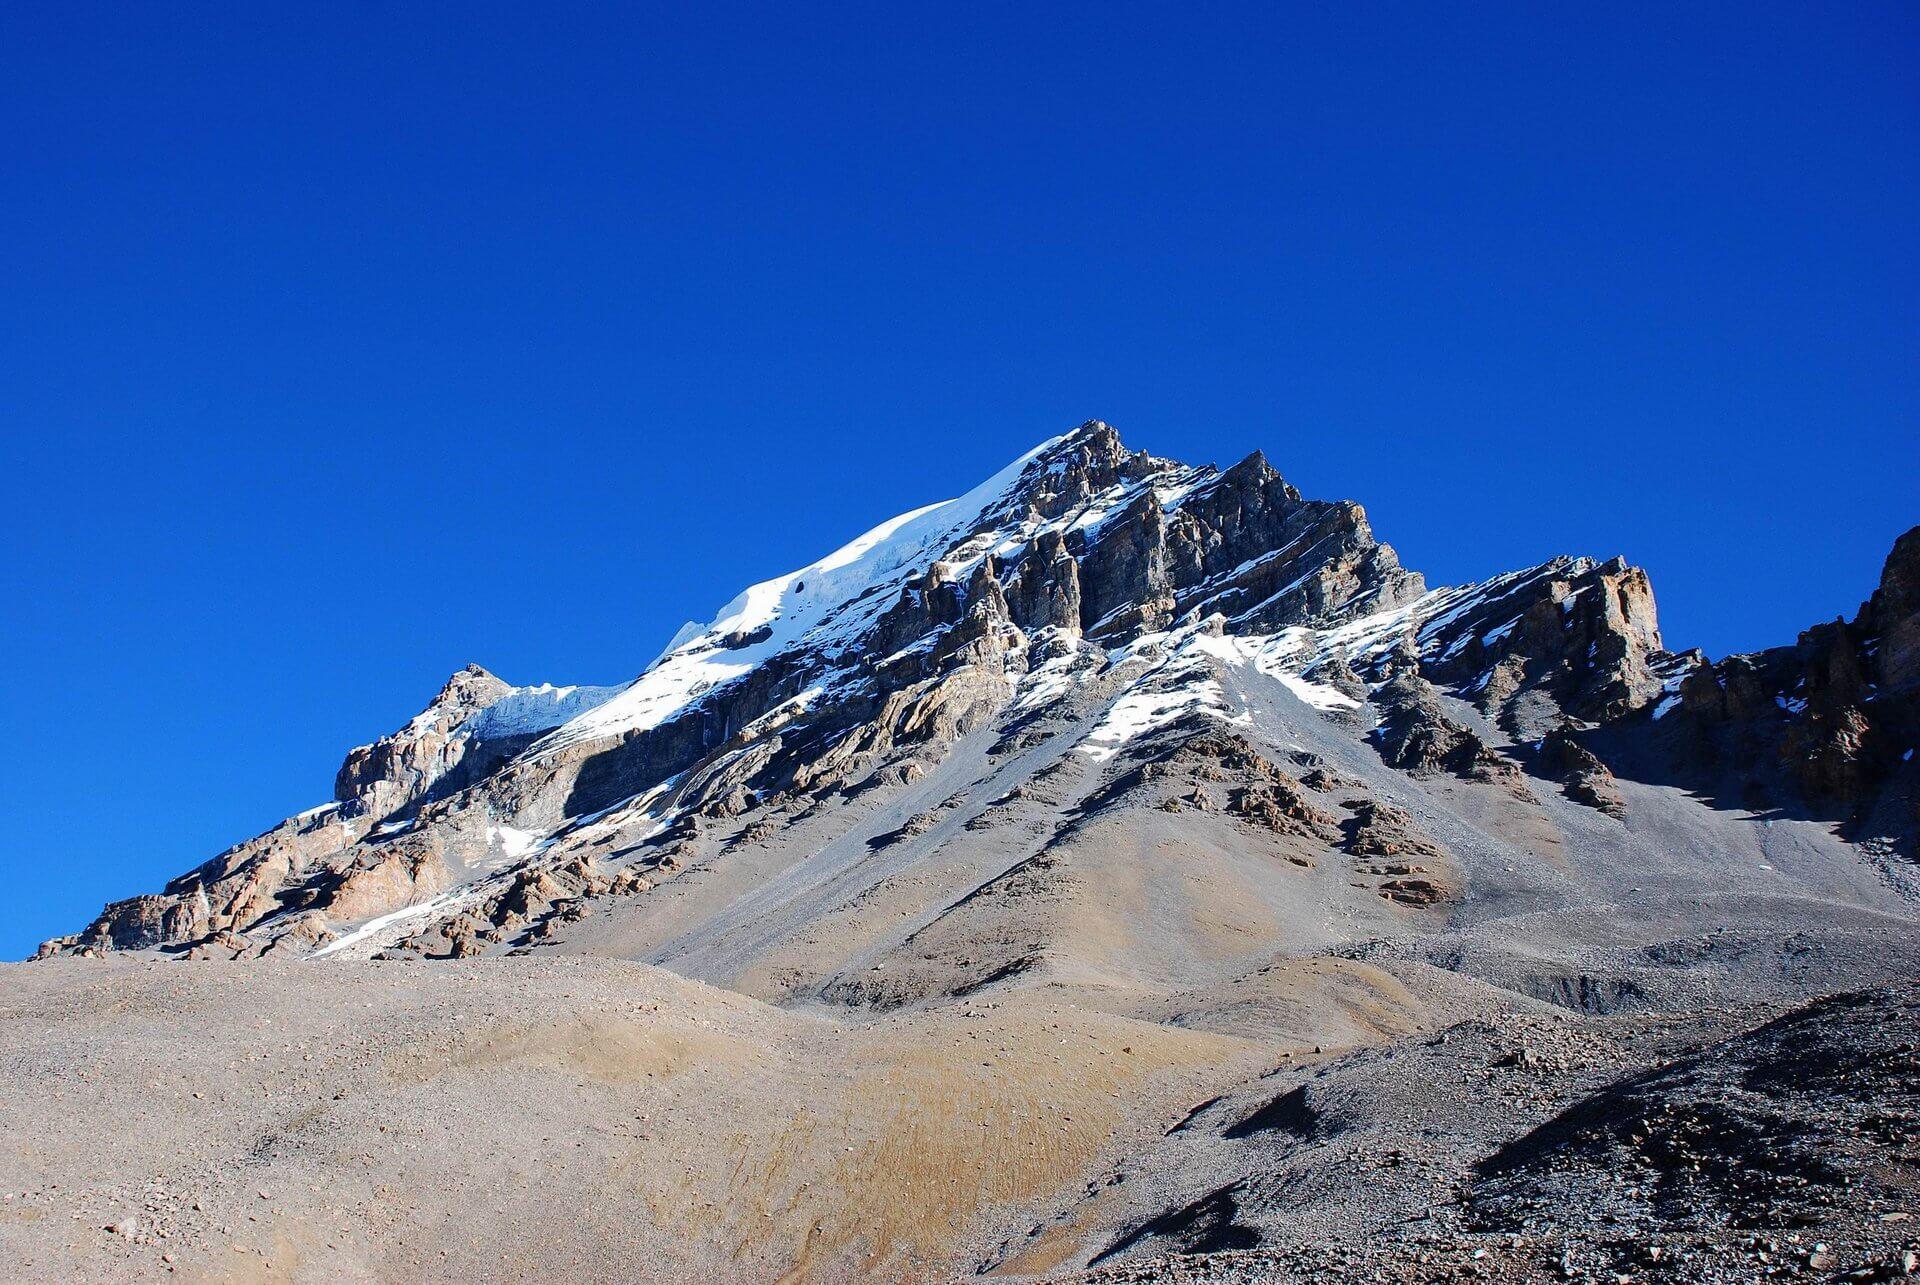 Piekne szczyty Himalajów wpaśmie Annapurny.